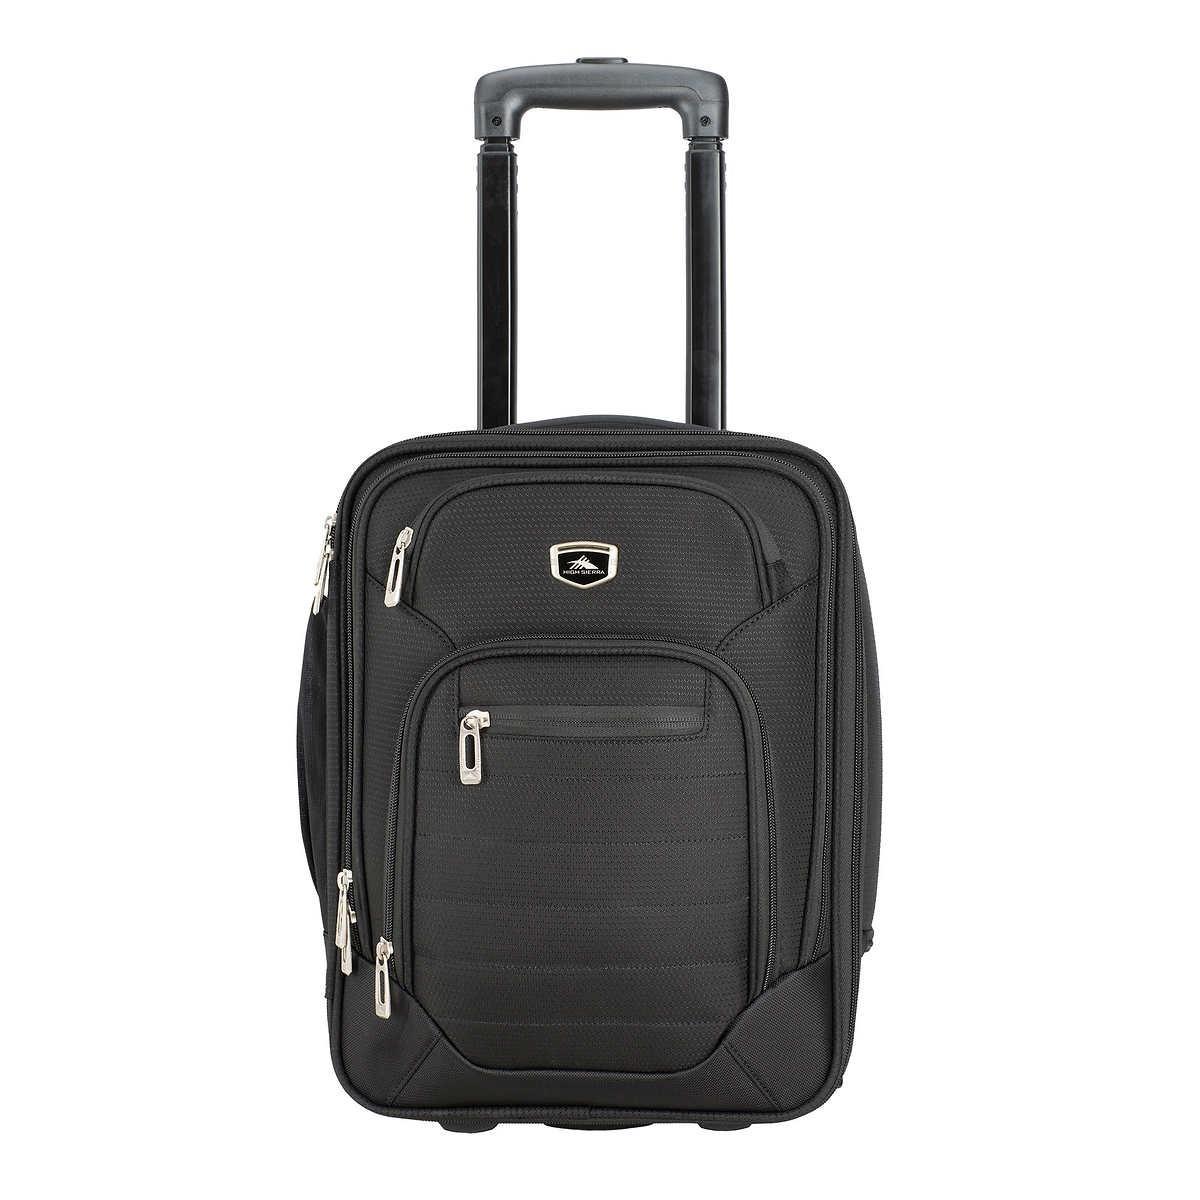 ad6368087 maleta mochila de mano c/llantas carry on laptop 15 in negro. Cargando zoom.